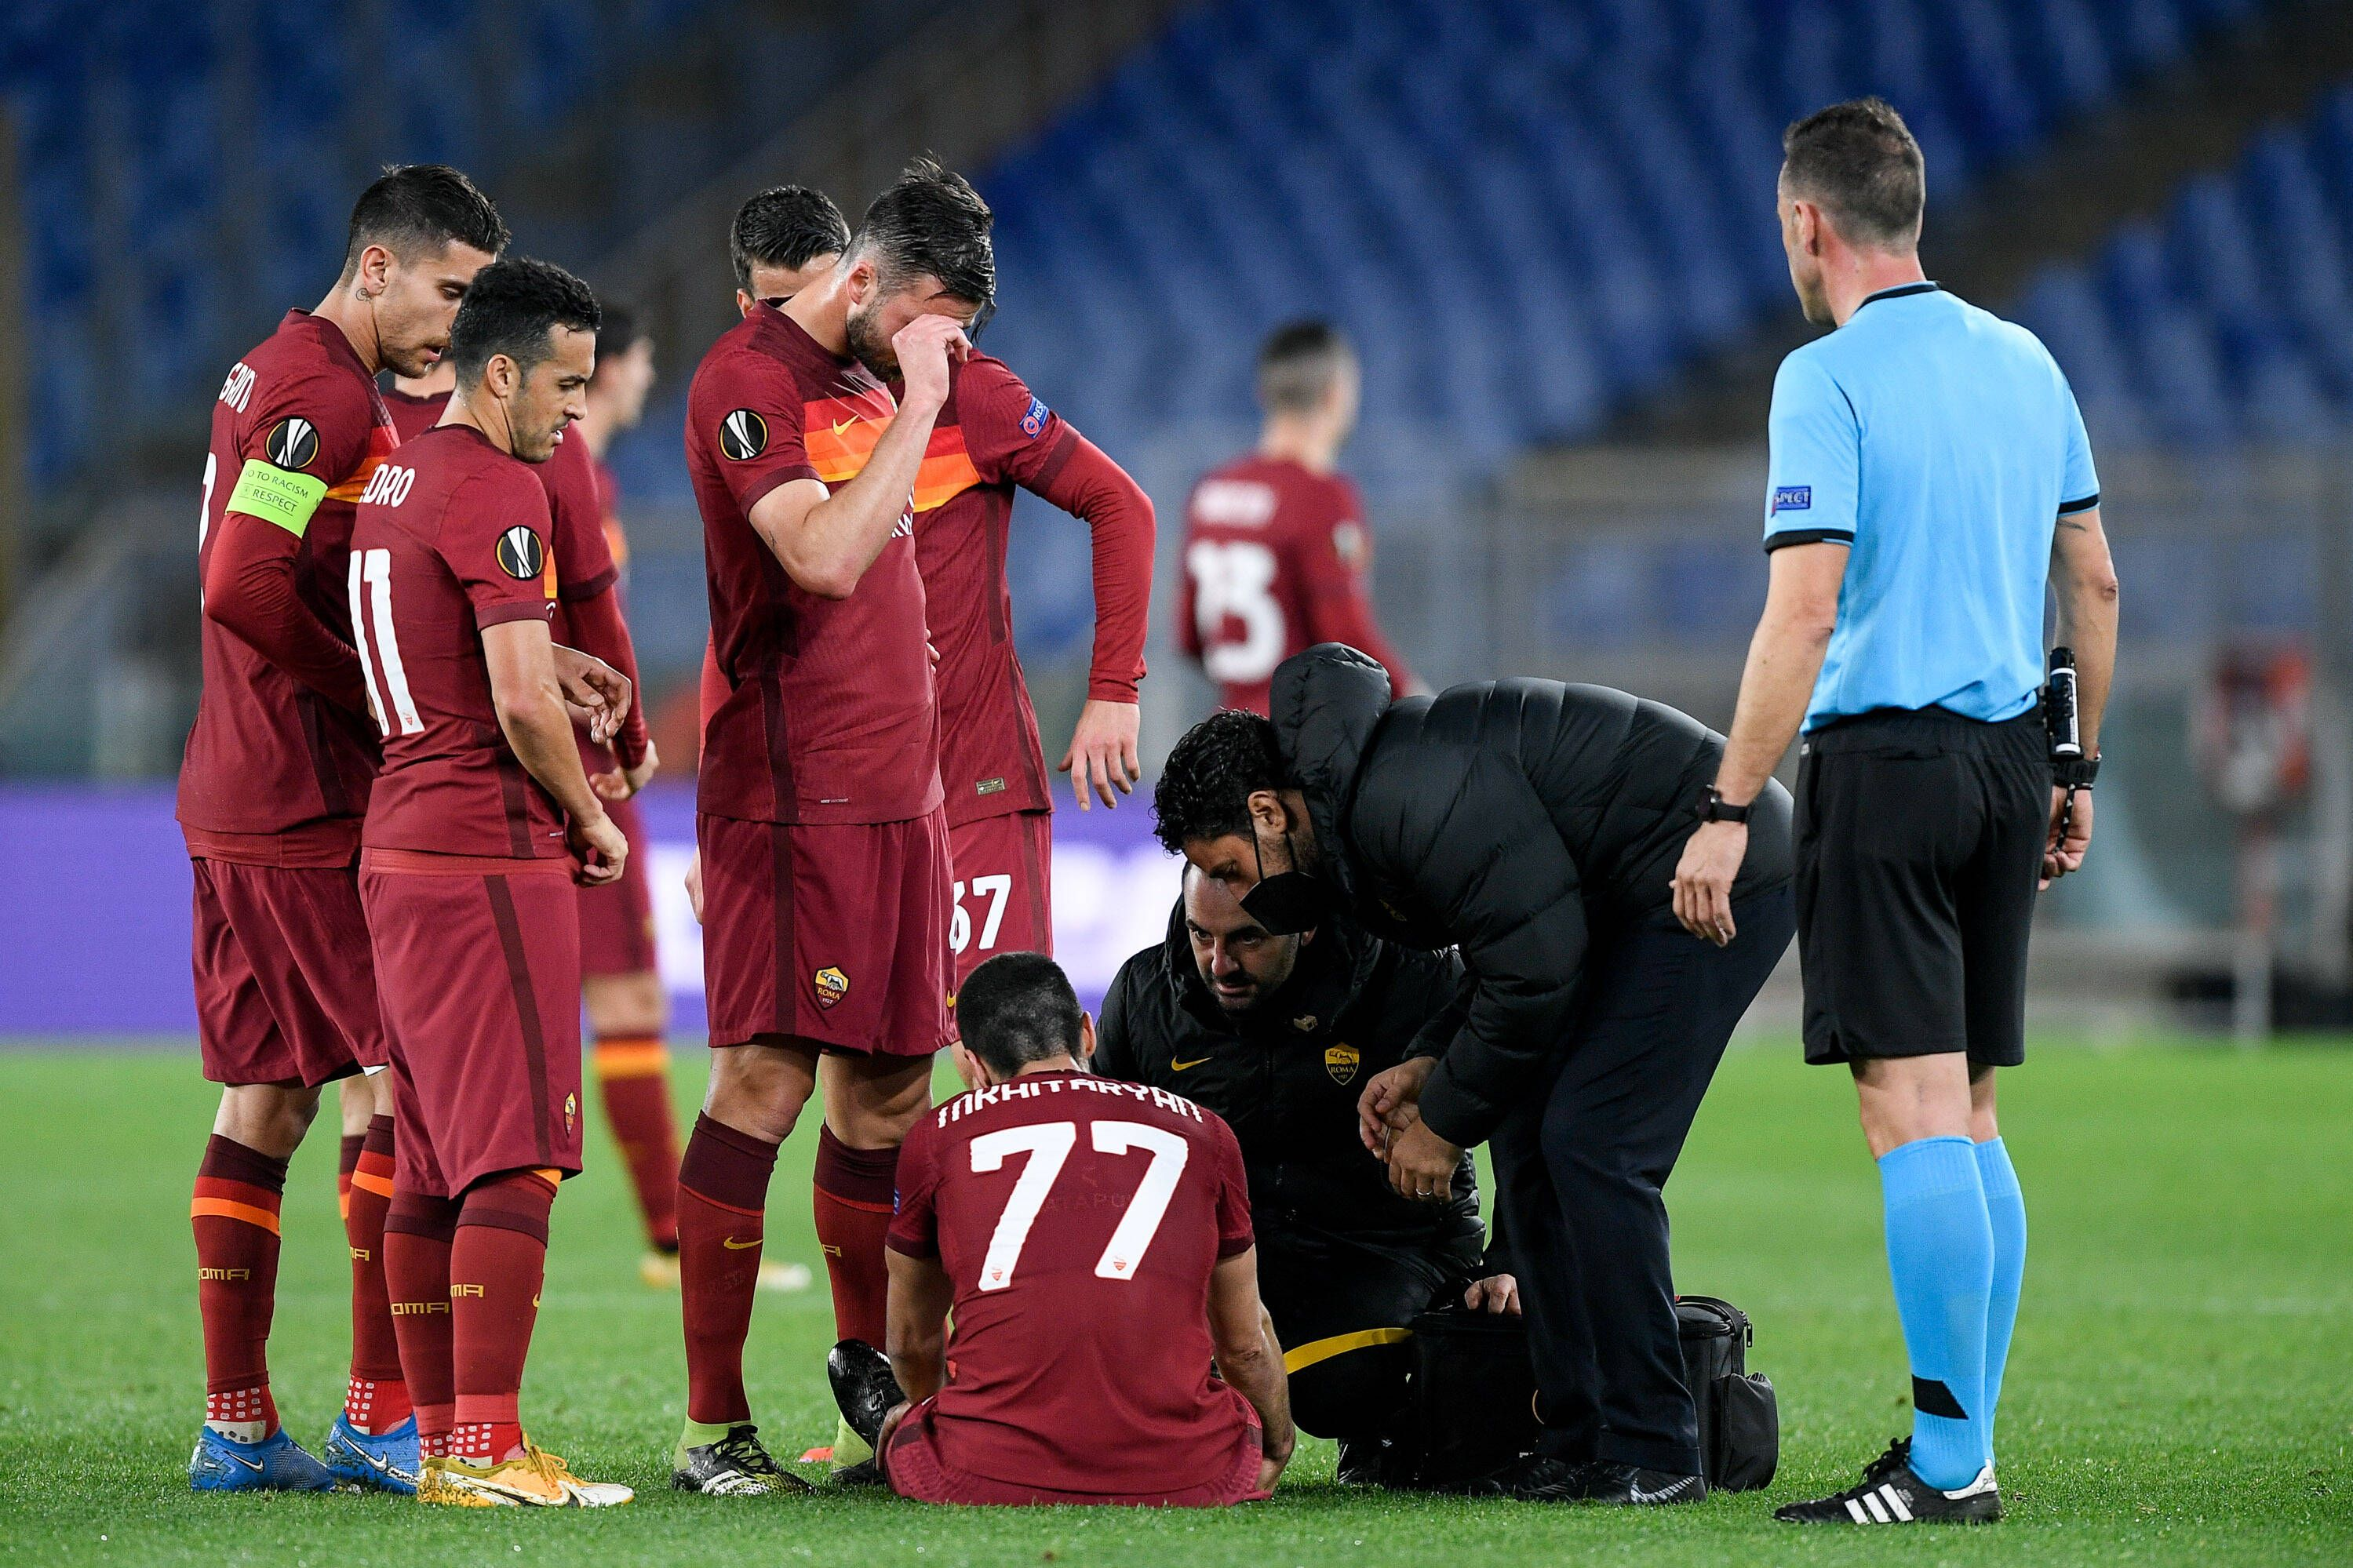 Футболист Ромы Мхитарян восстановился после травмы